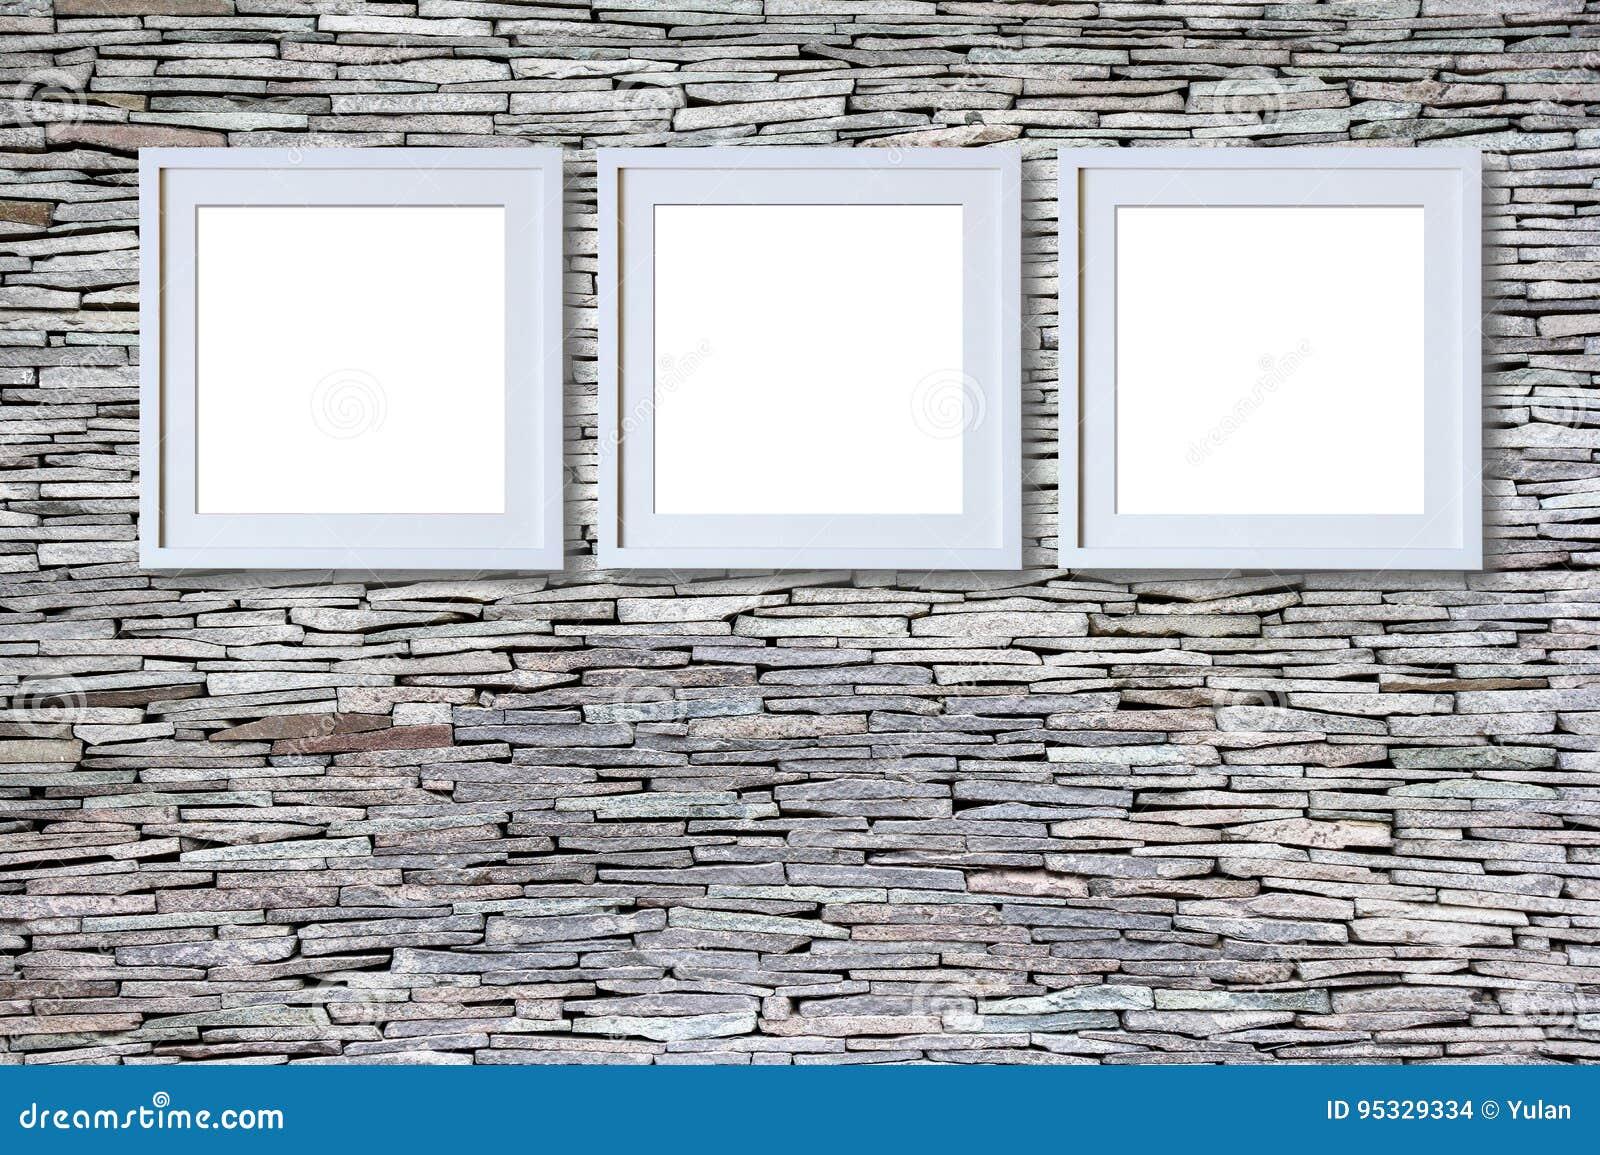 Leere Rahmen auf Steinwand stockfoto. Bild von bild, montage - 95329334